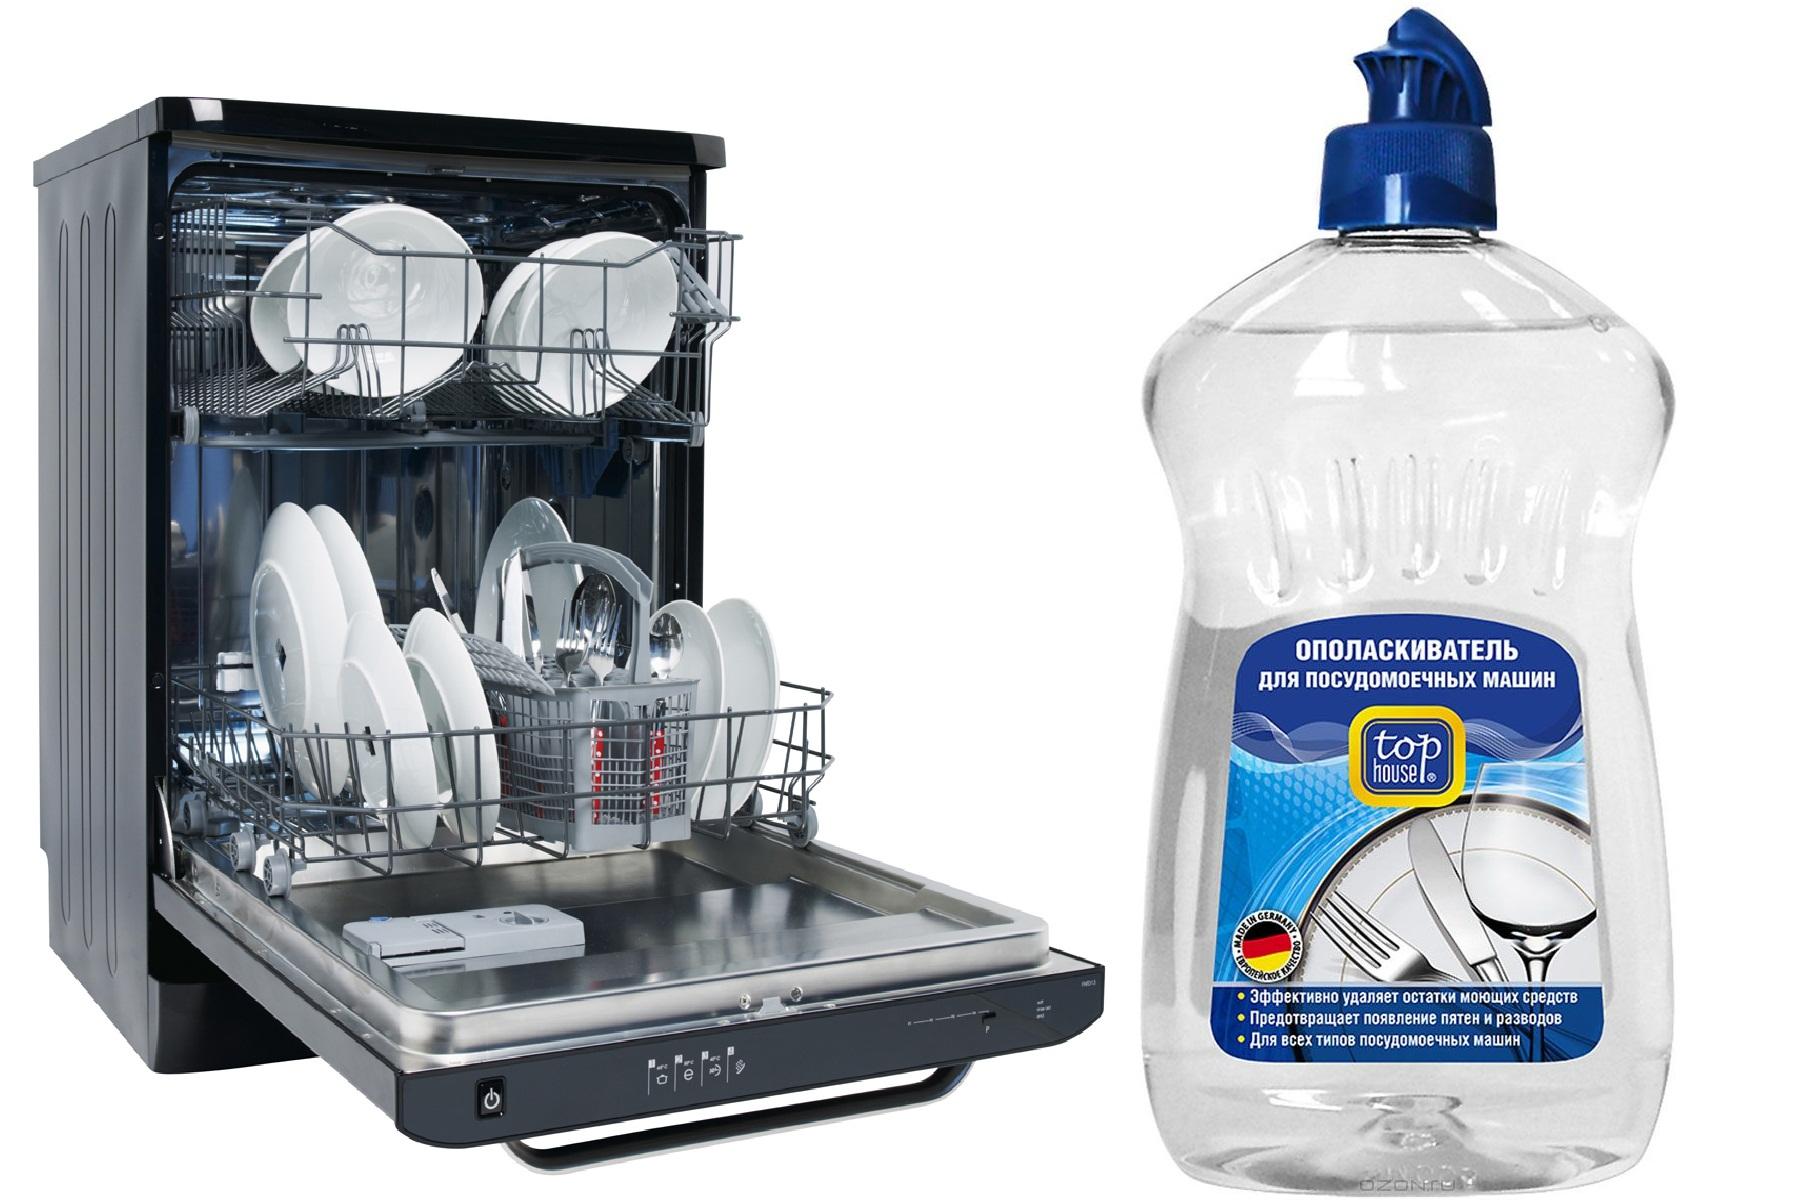 Ополаскиватель для посудомоечной машины - покупной и самодельный